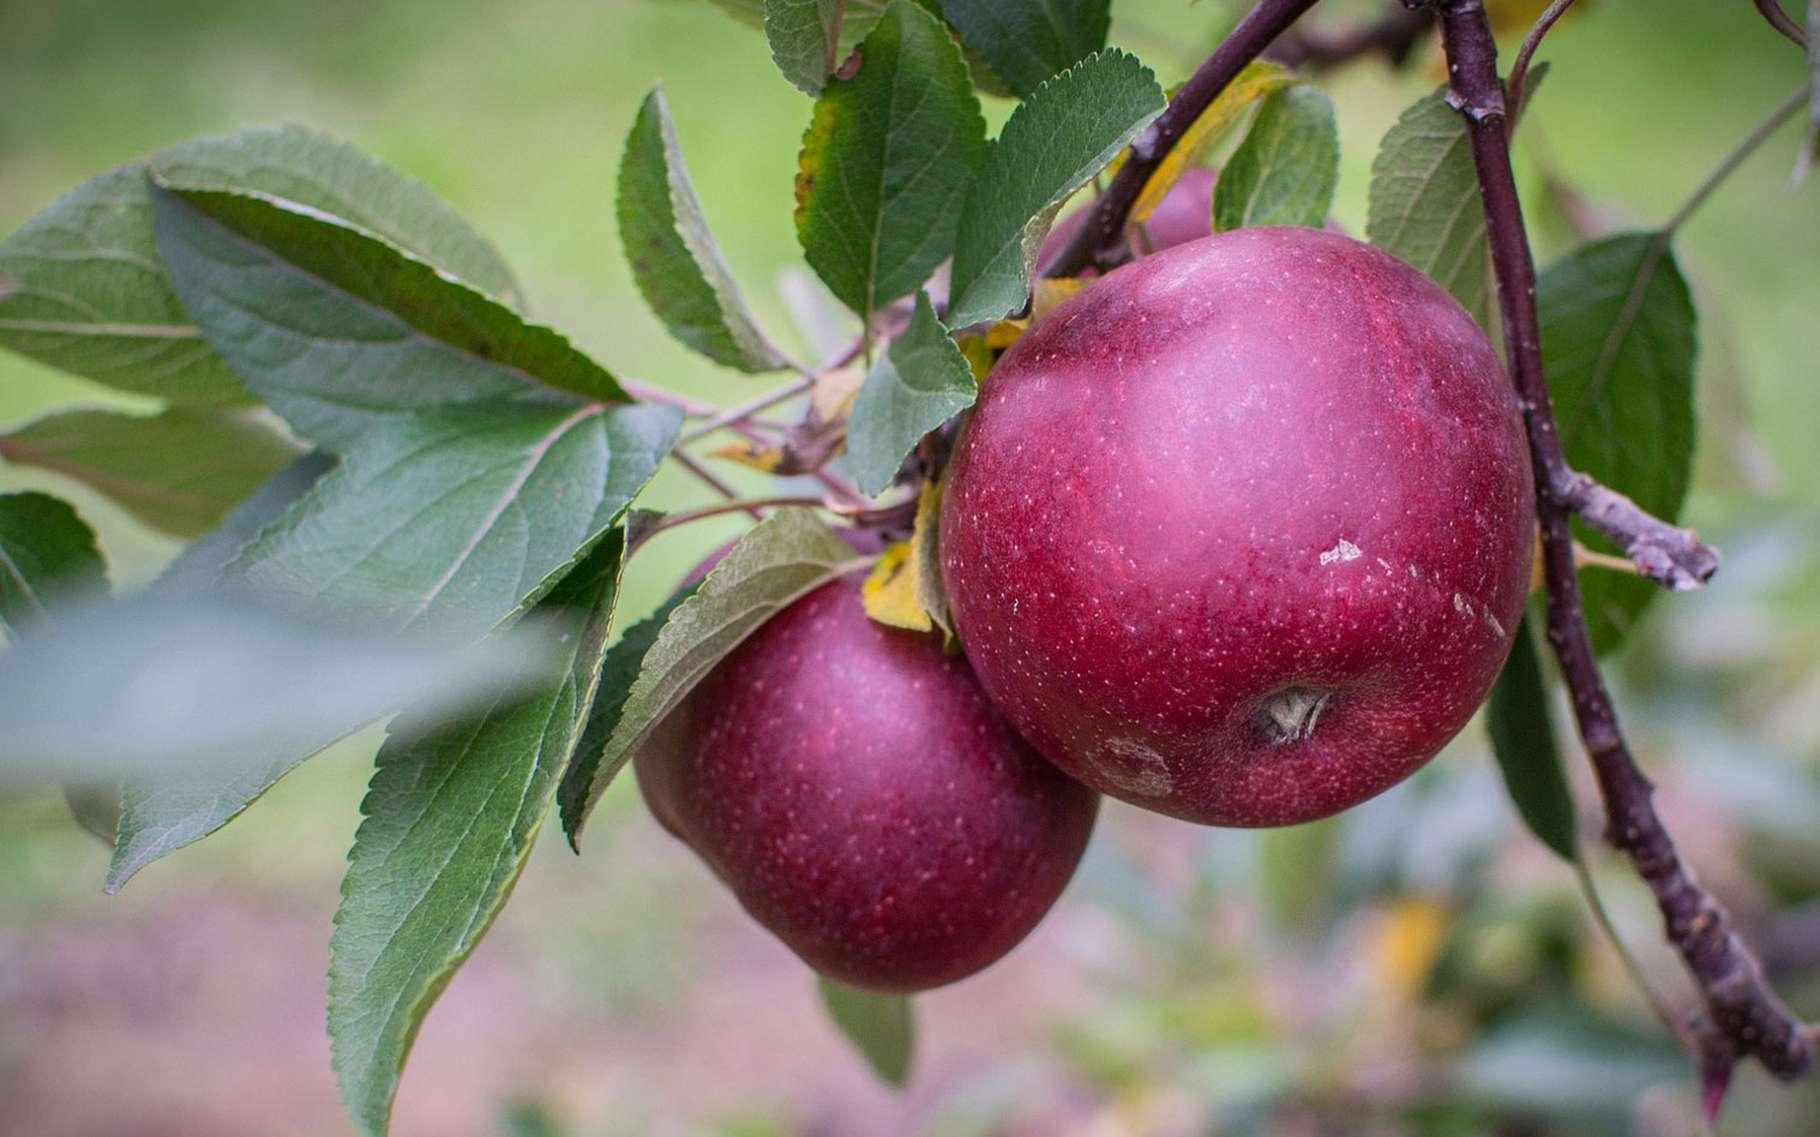 Les délicieuses pommes d'automne. © Americain trails, Pixabay, DP